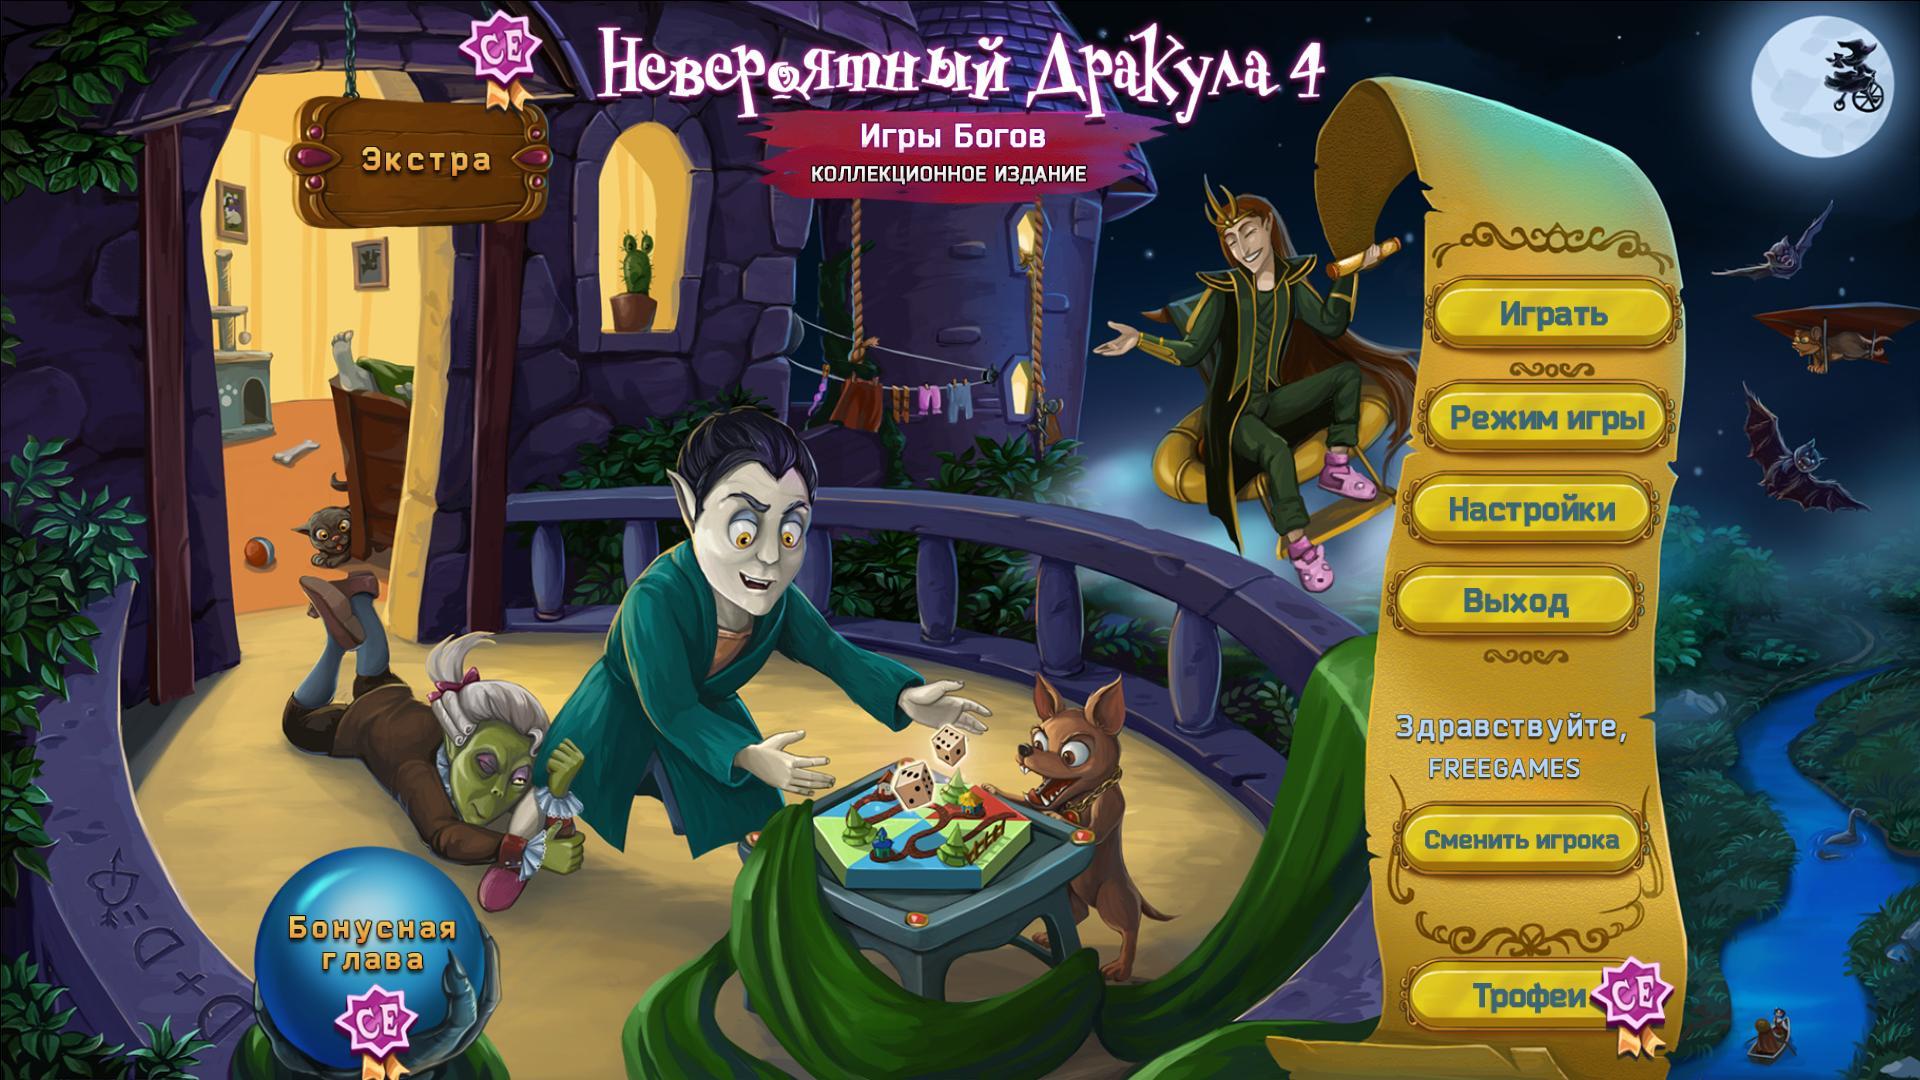 Невероятный Дракула 4: Игры Богов. Коллекционное издание | Incredible Dracula 4: Games Of Gods CE (Rus)